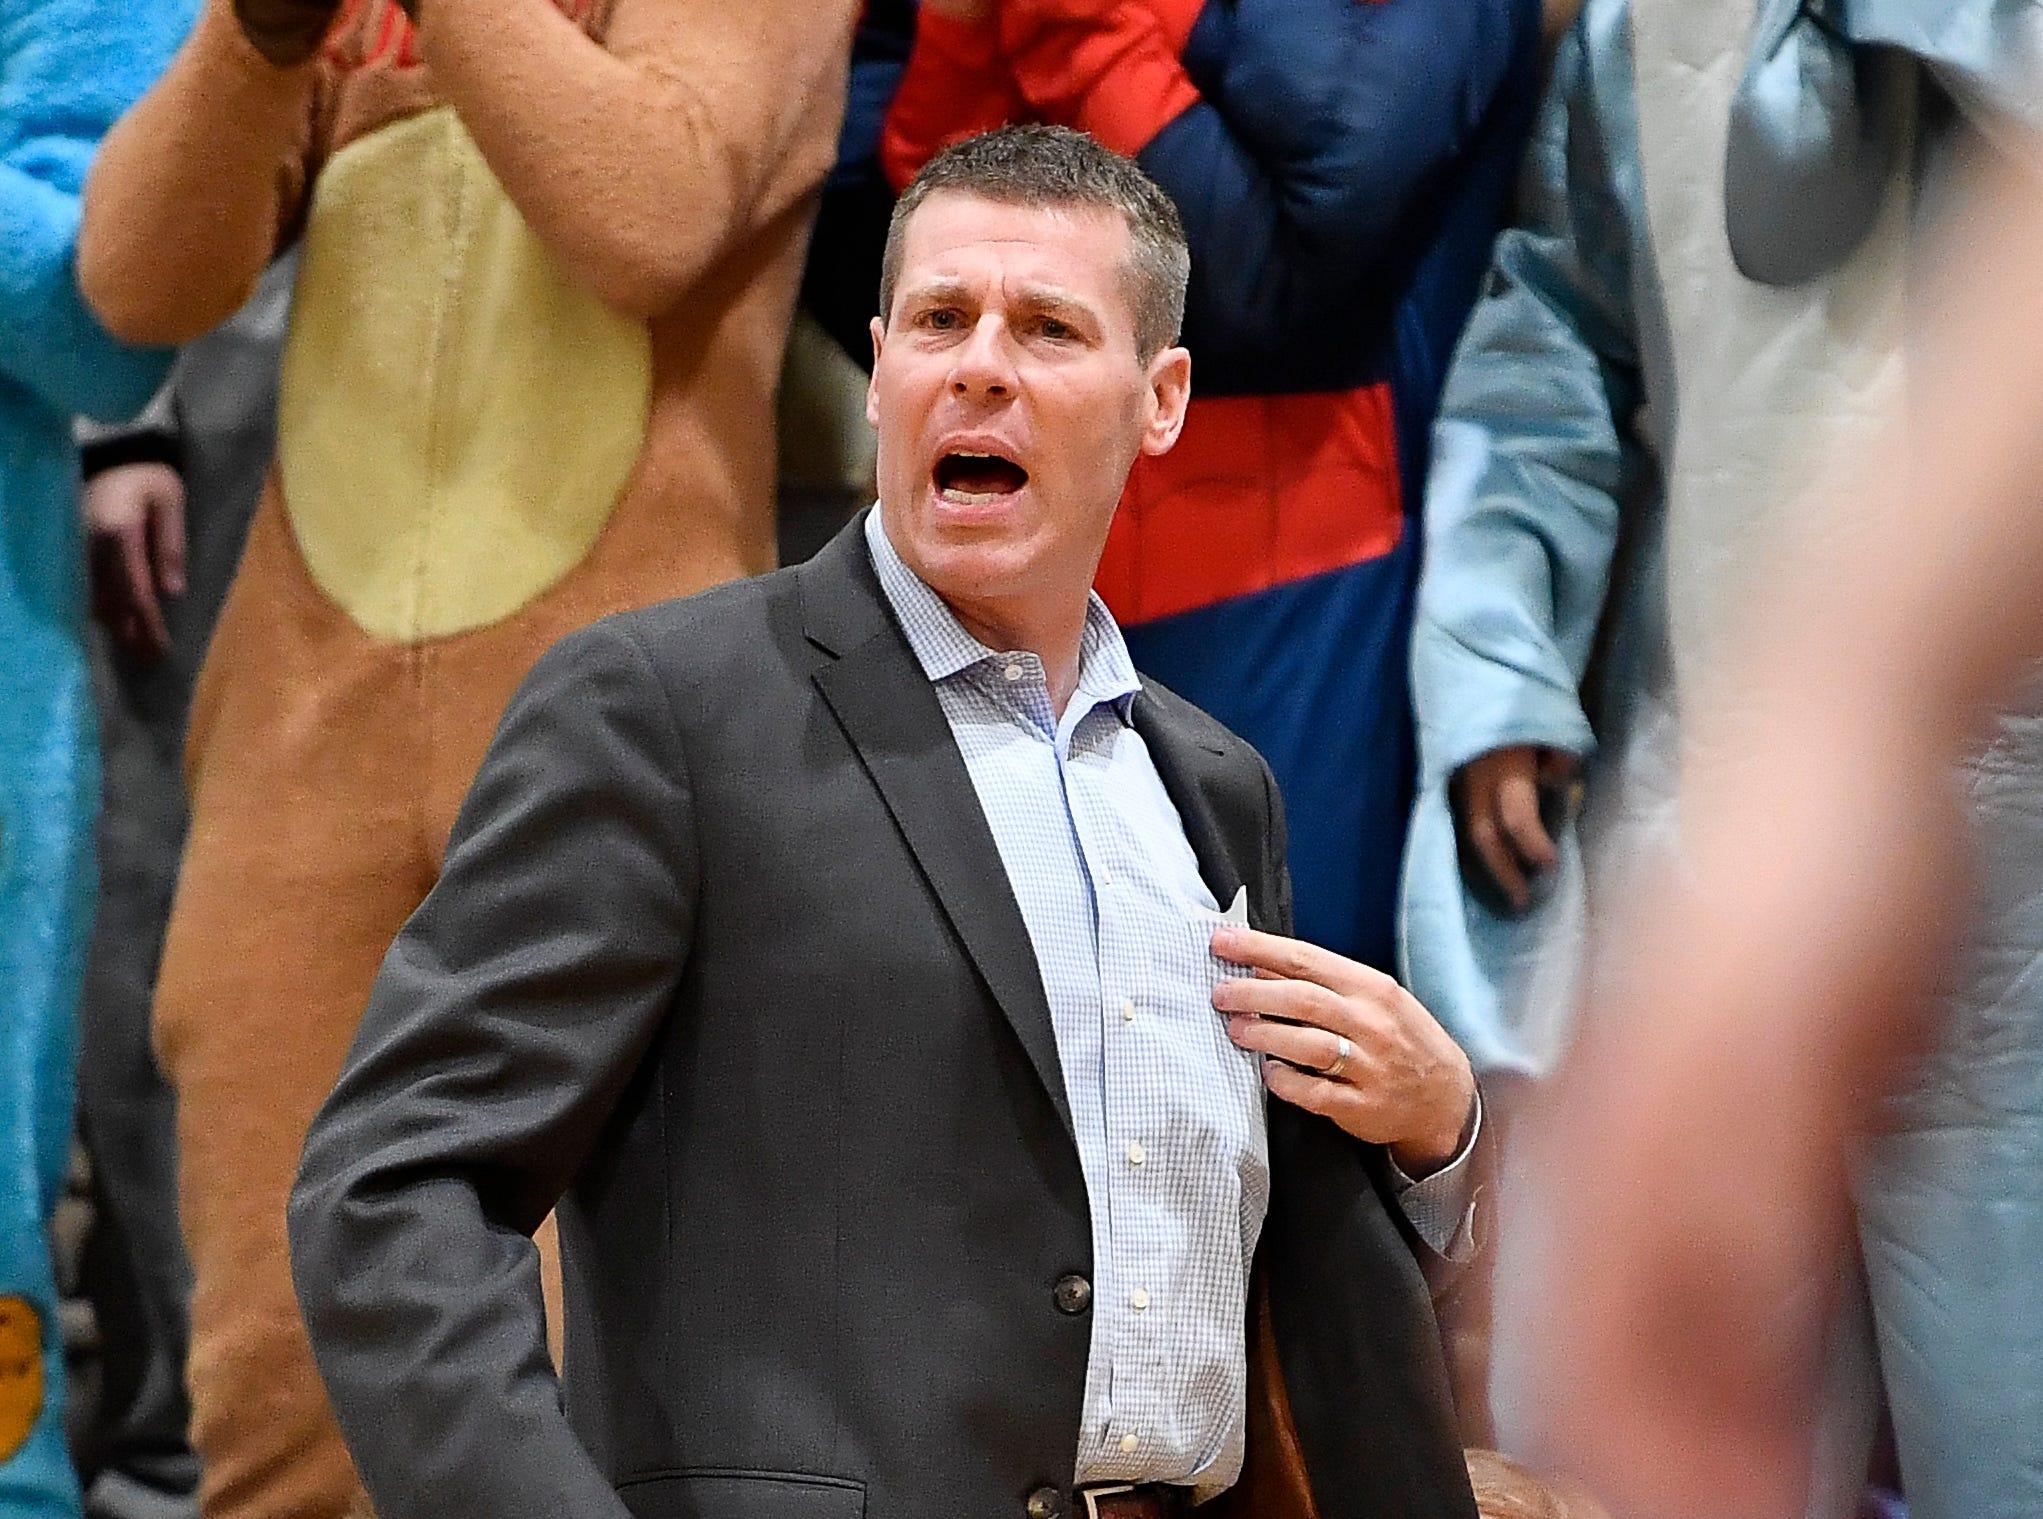 CPA head coach Drew Maddux yells at his team during their game at Ensworth High School Tuesday, Dec. 11, 2018, in Nashville, Tenn.